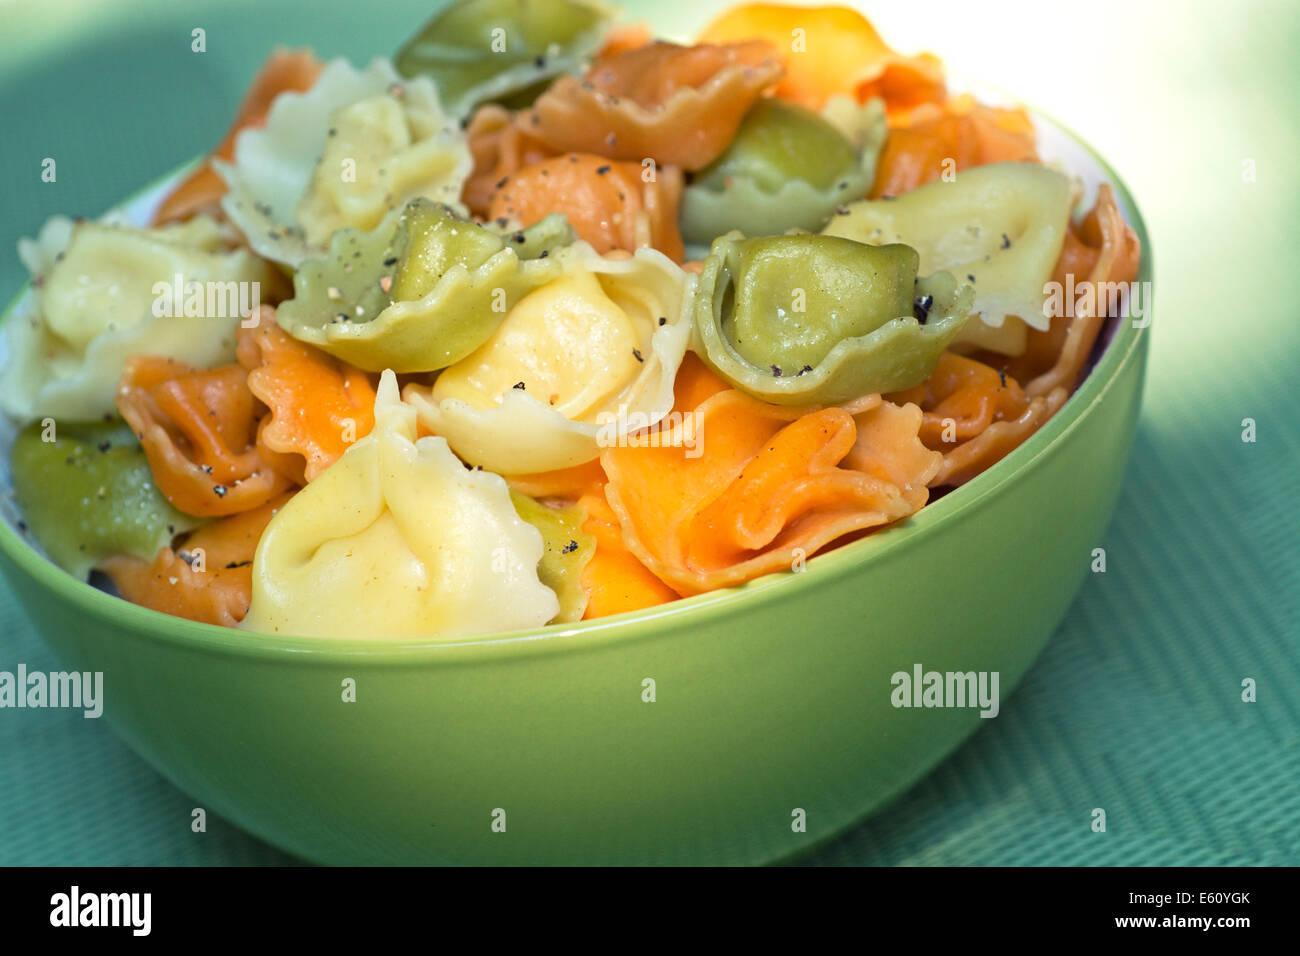 Tortellini, Tricolor, Tricolore Pasta - Stock Image